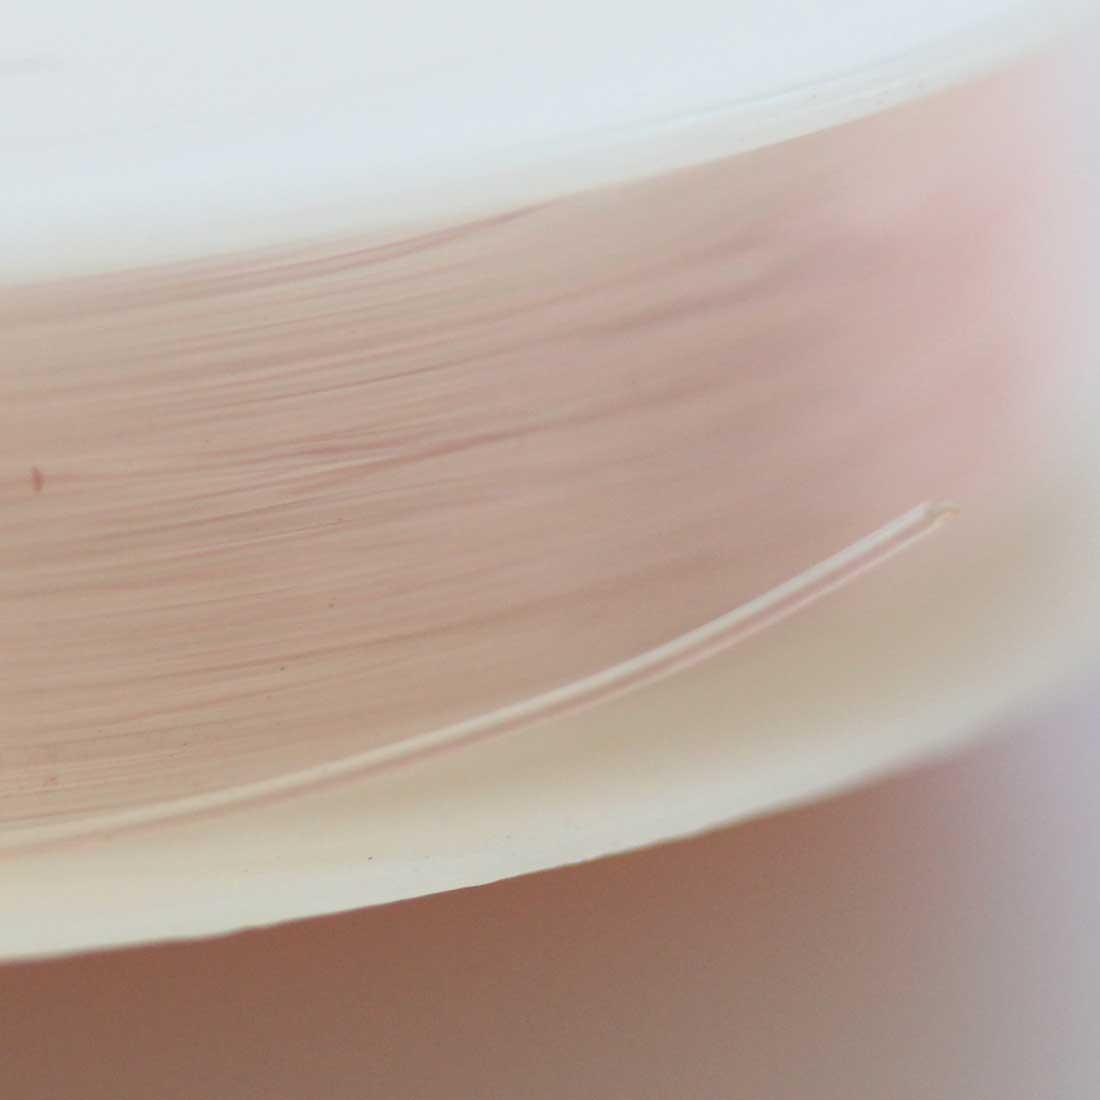 ブレスレット用 オペロンゴム 【0.5mm/12M】【ペールピンク】sgy-1203b【メール便可】(ブレスレット用ゴム ゴム紐 ゴムひも テグス パワーストーン 天然石 ブレスレット 水晶の線 薄いピンク ピンク)